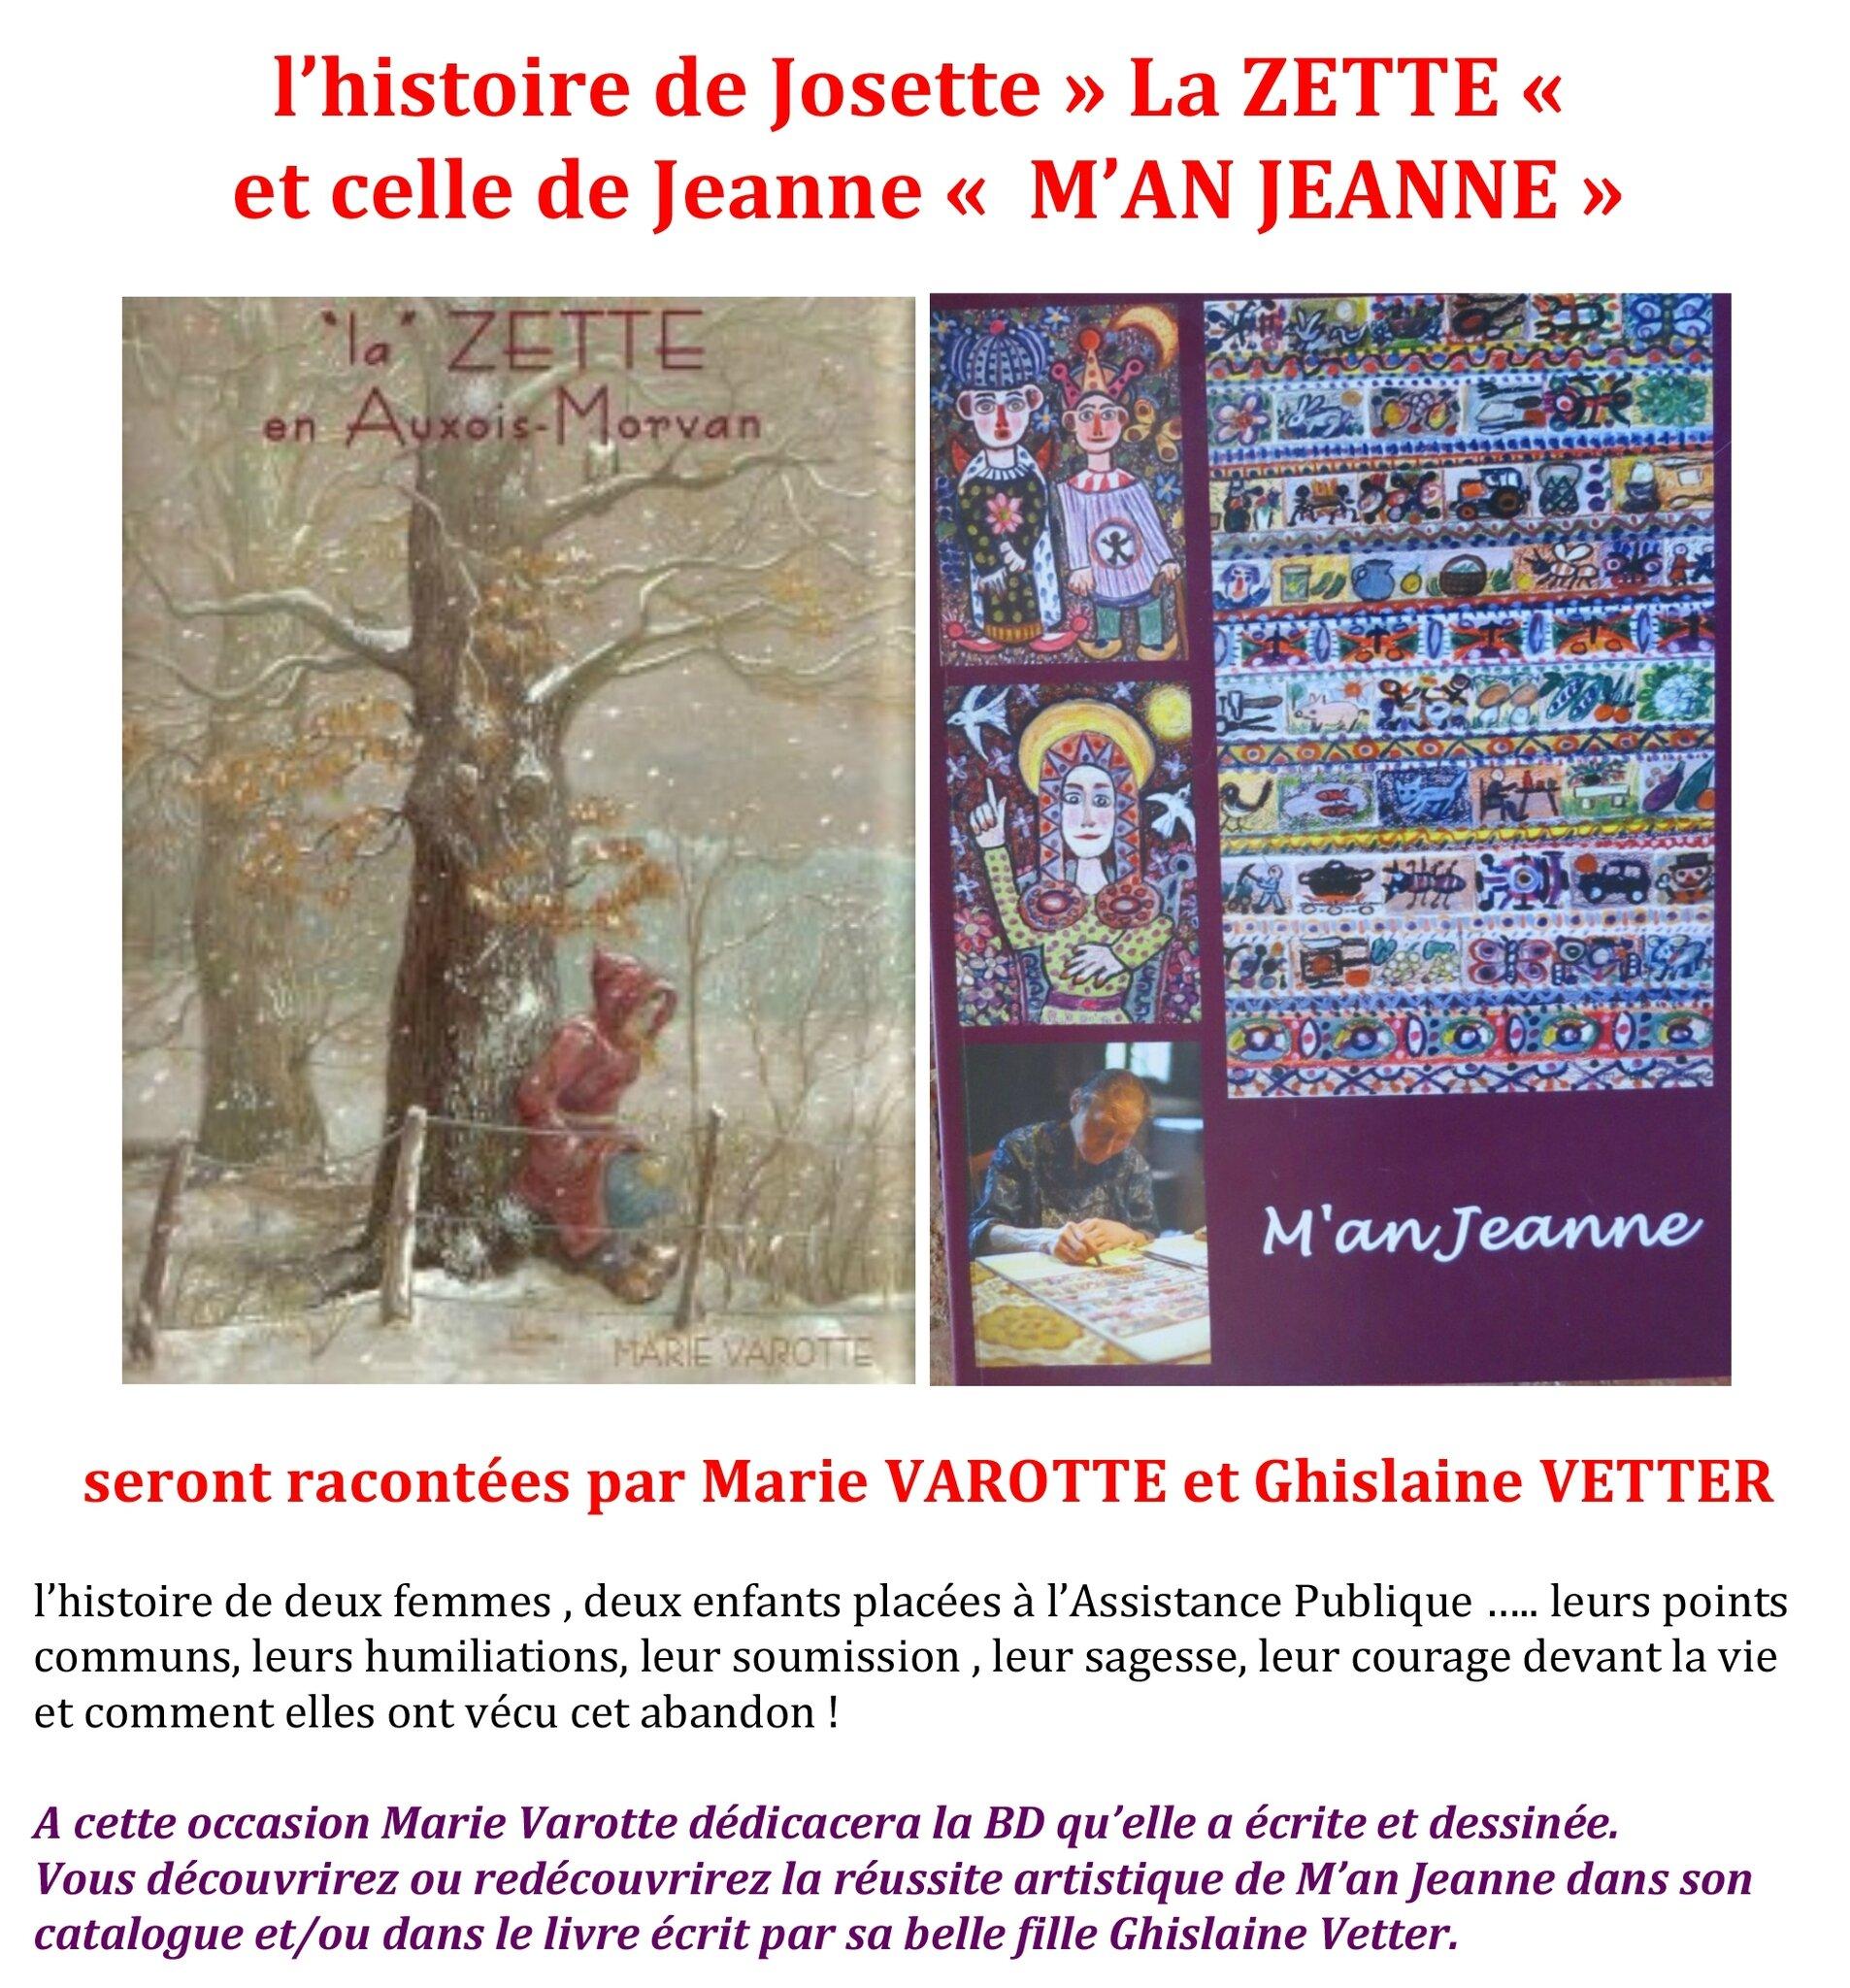 Samedi 22 Avril, venez écouter la vie de ZETTE et celle de M'AN JEANNE...